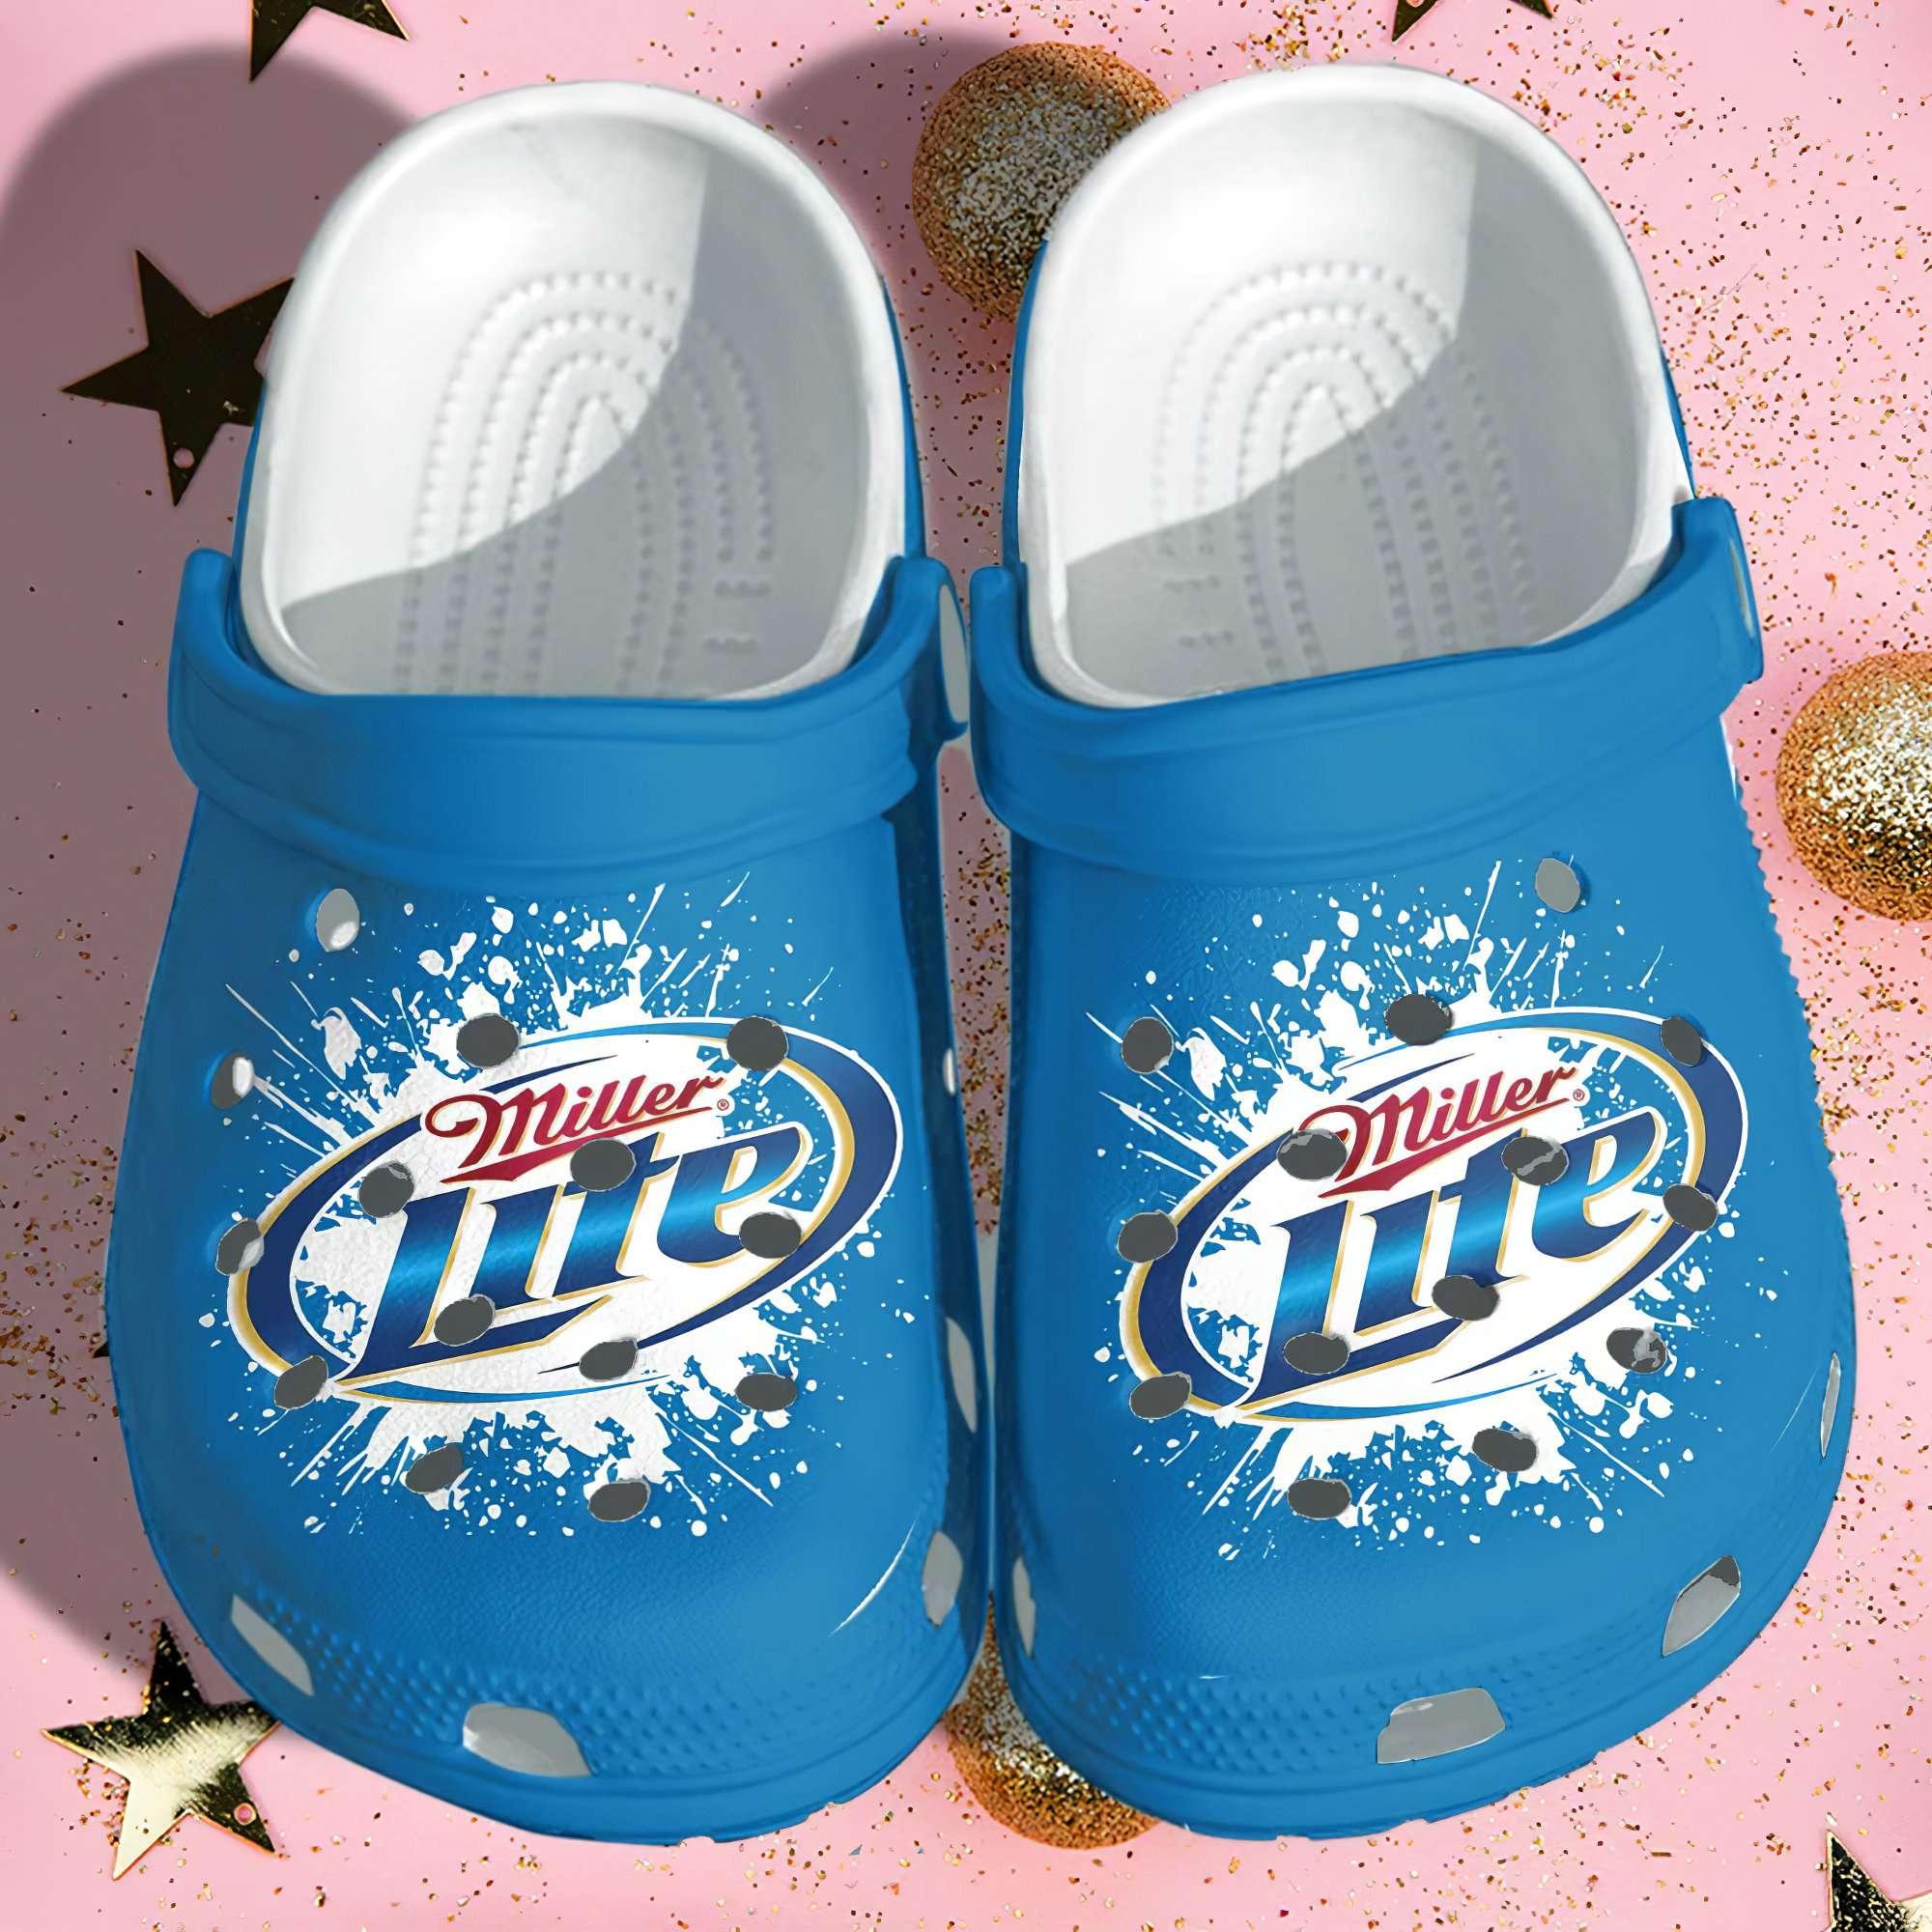 Miller Lite Funny Crocs Clog Shoes